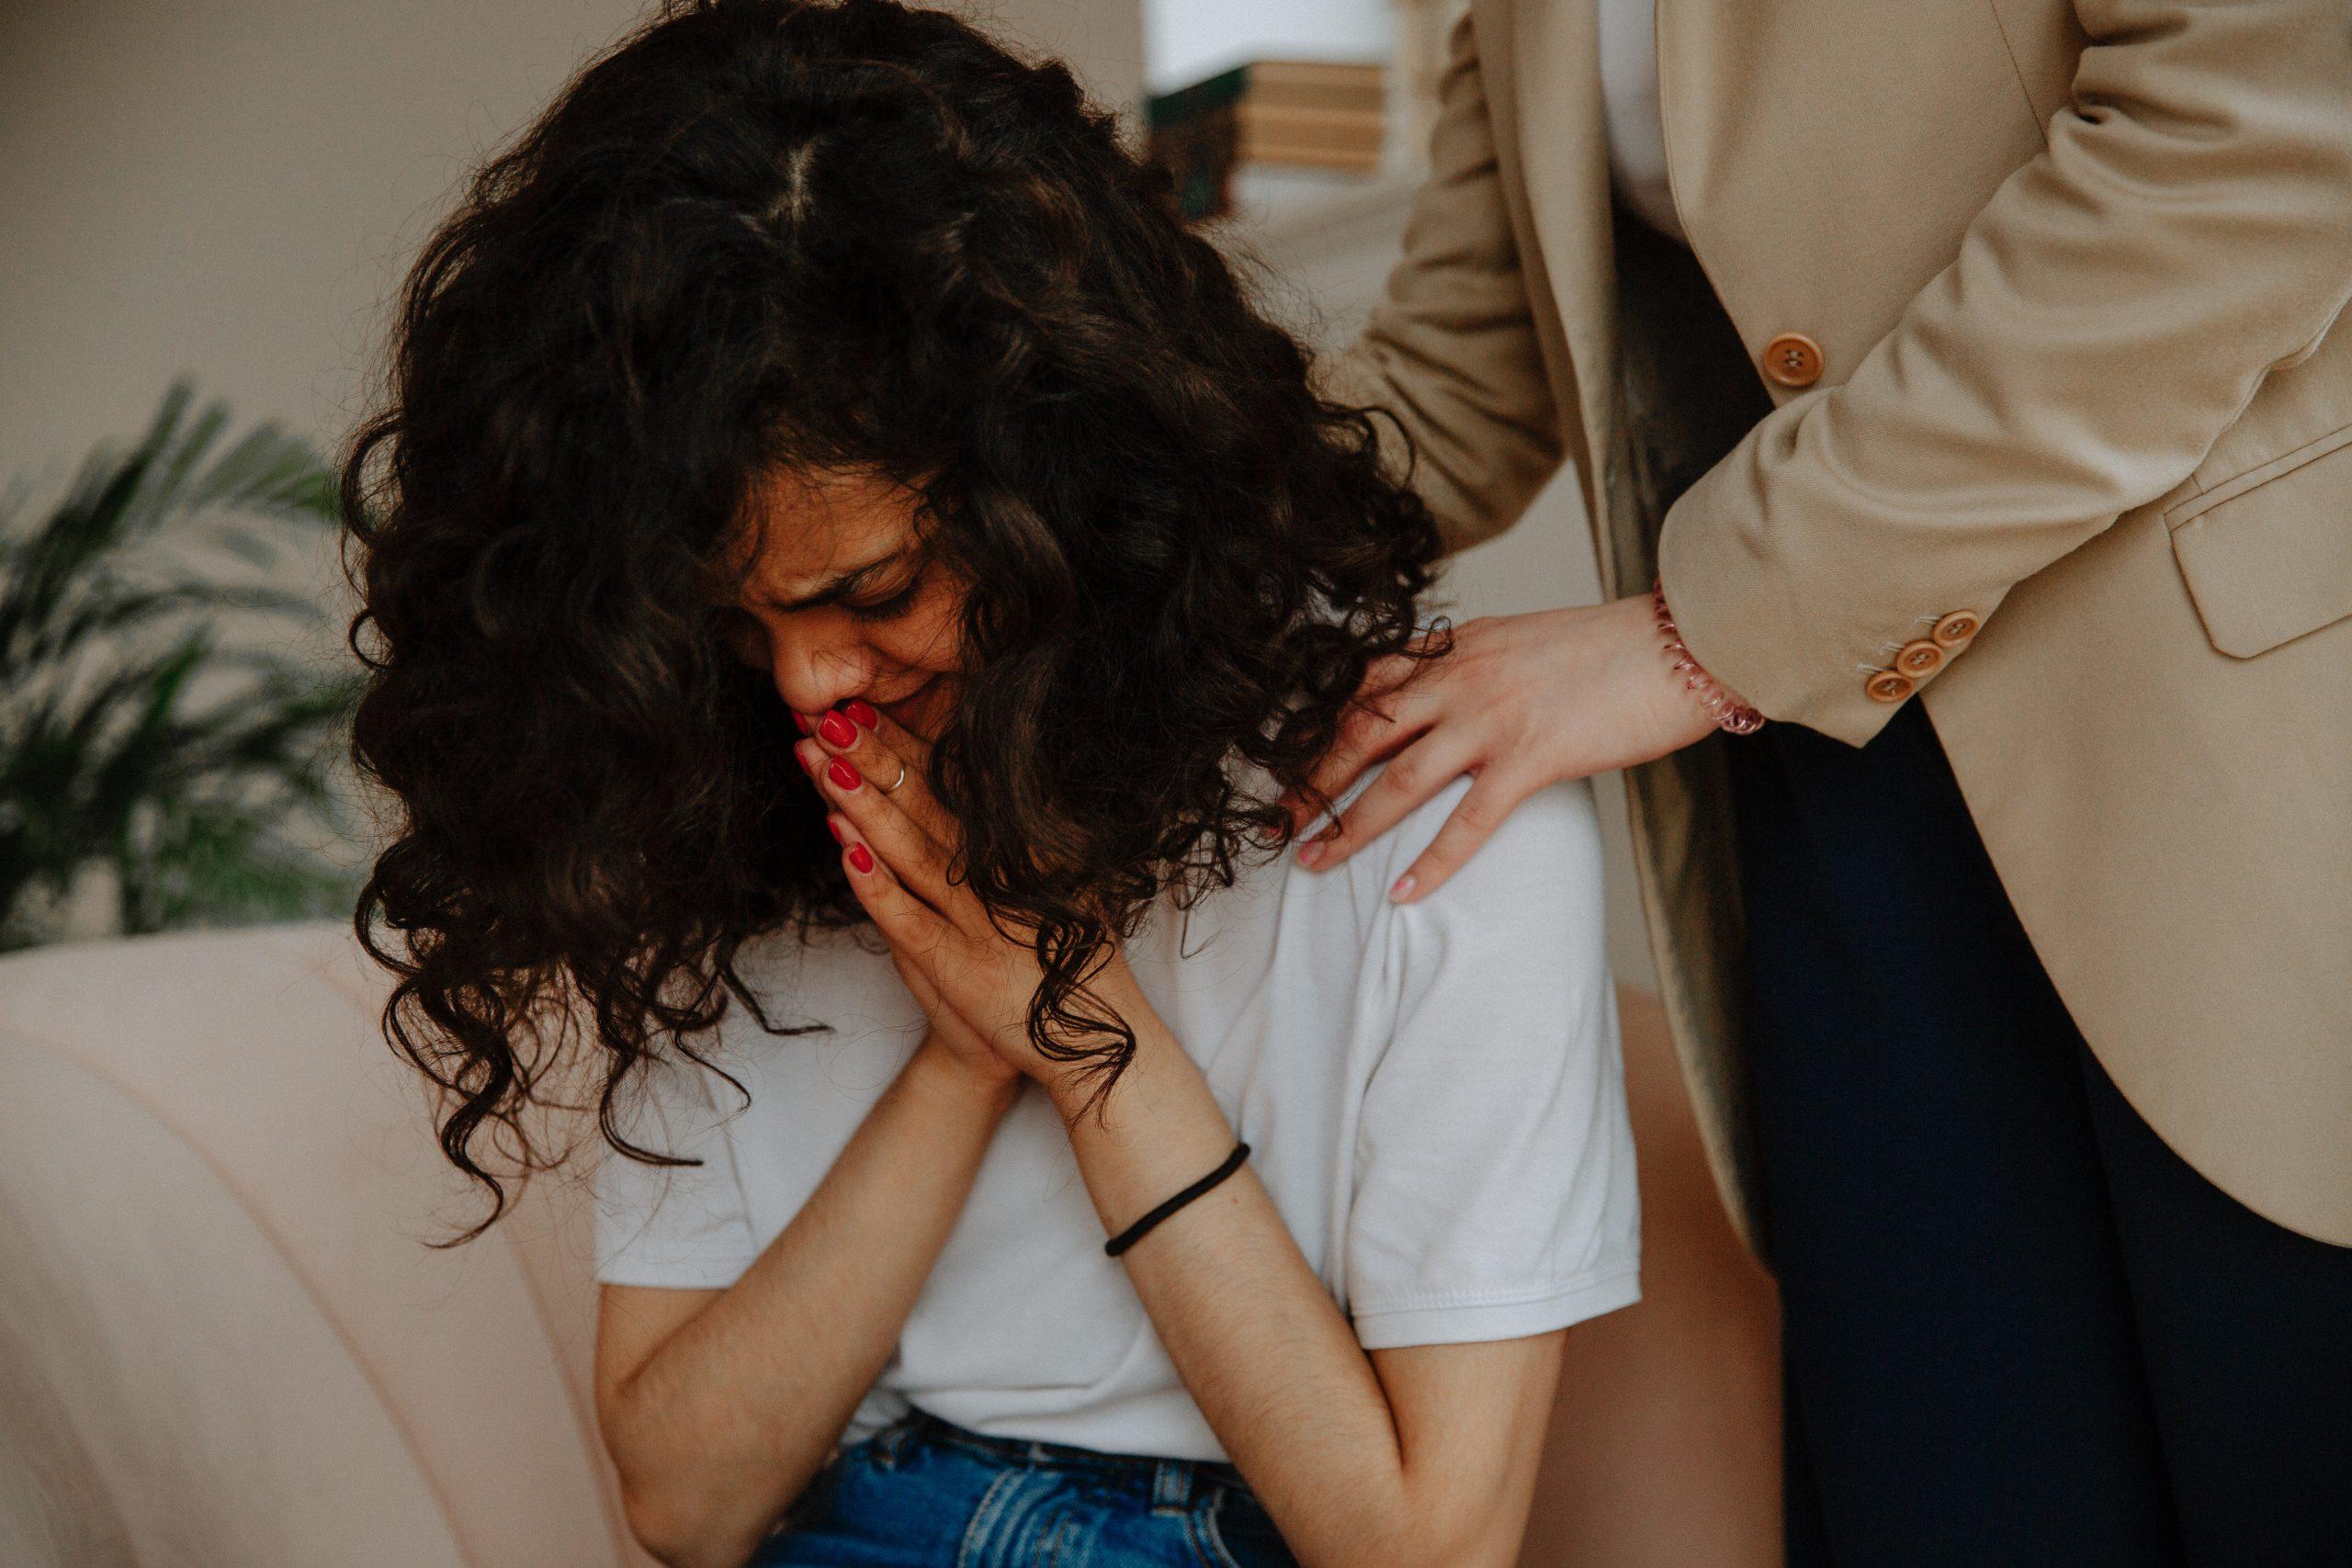 Sírószobában szenvedhetnek az életképtelen magzatukat megszülni kötelezett nők